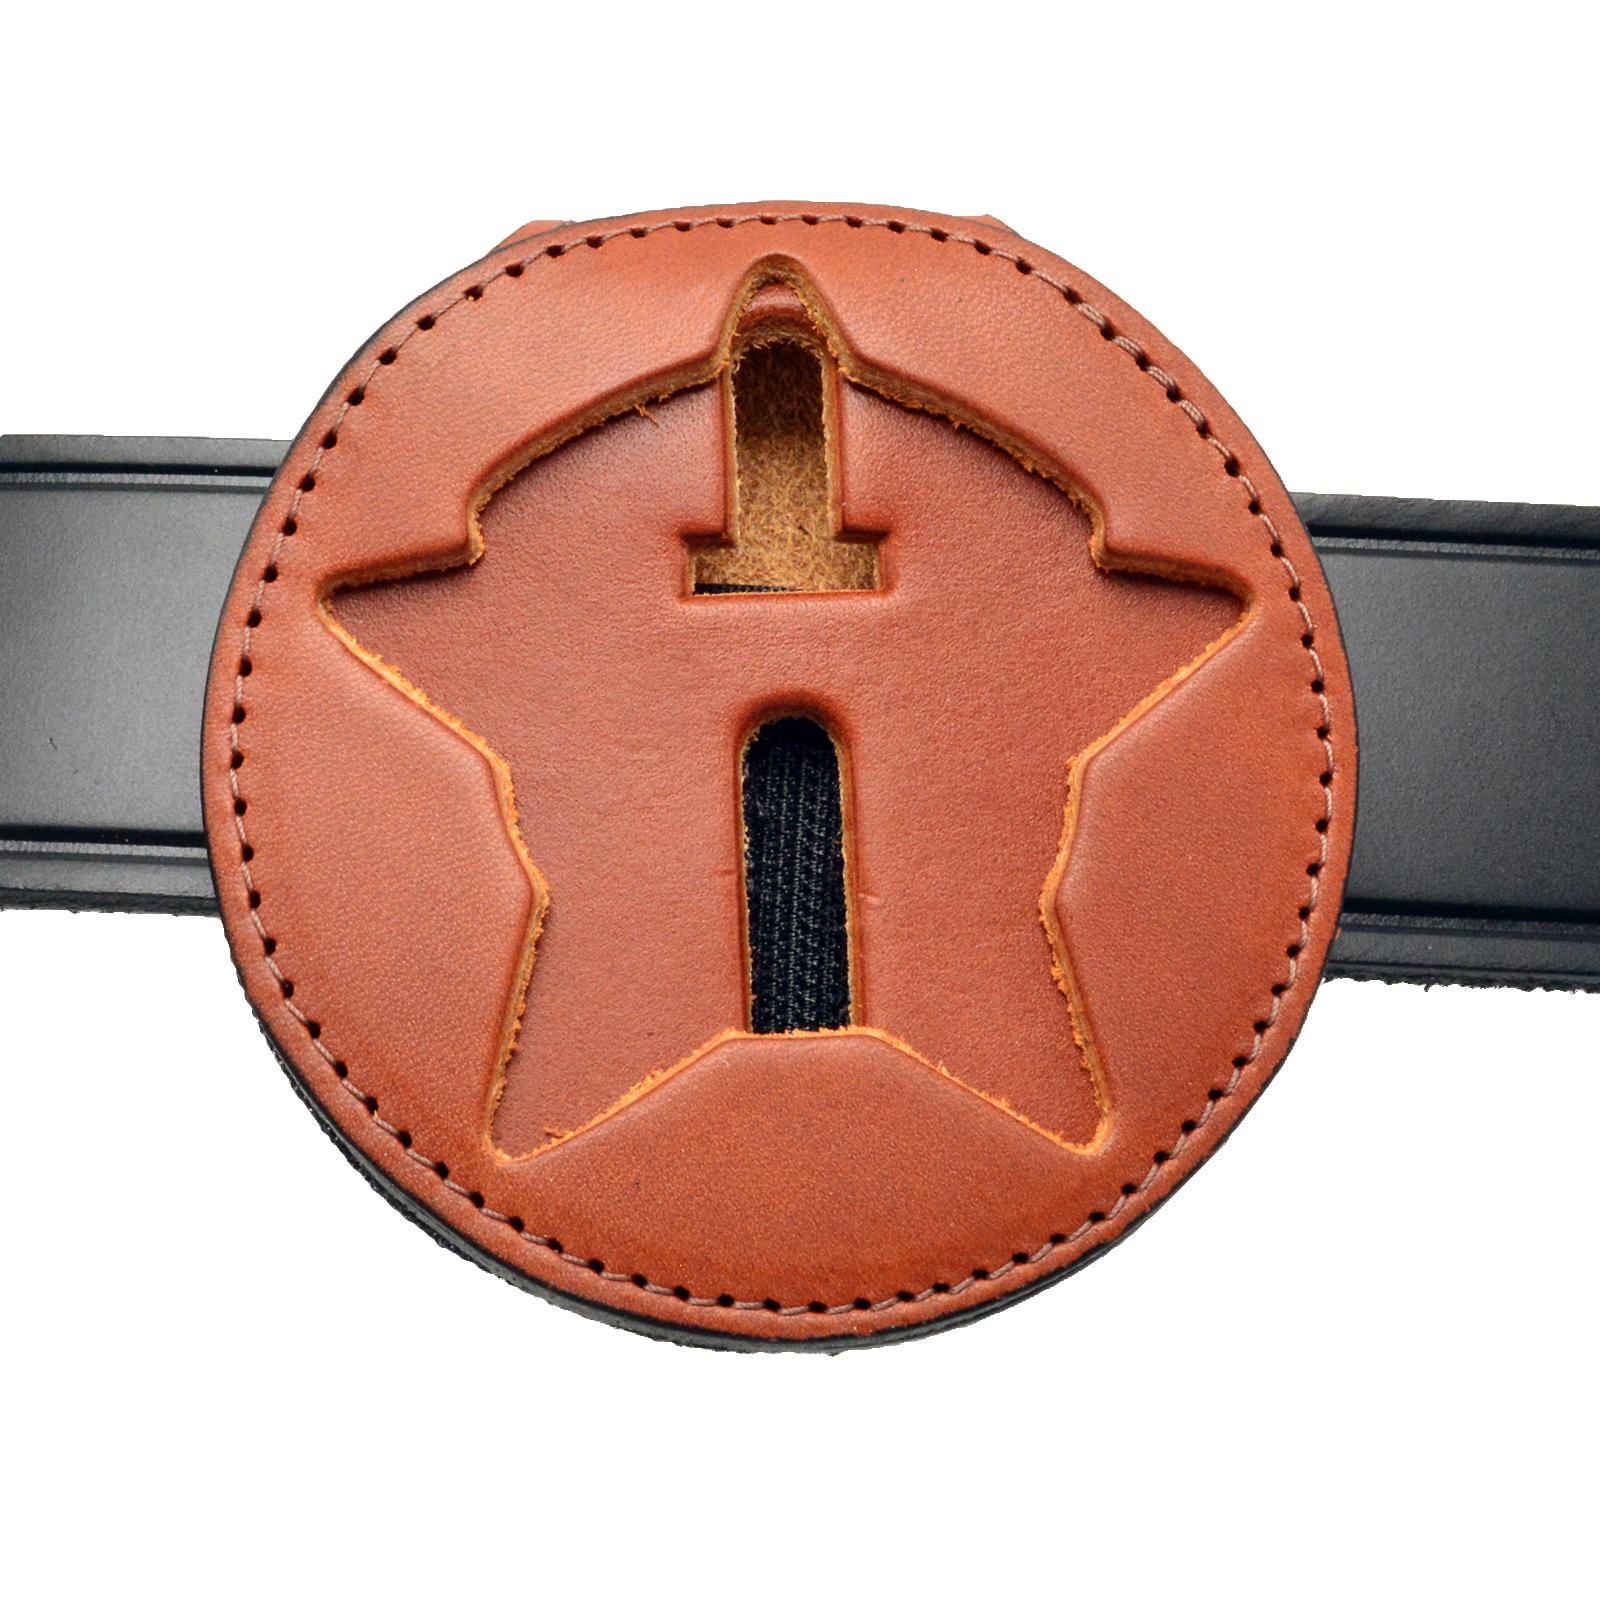 chicago-police-belt-clip-badge-holder-tan-leather.jpg